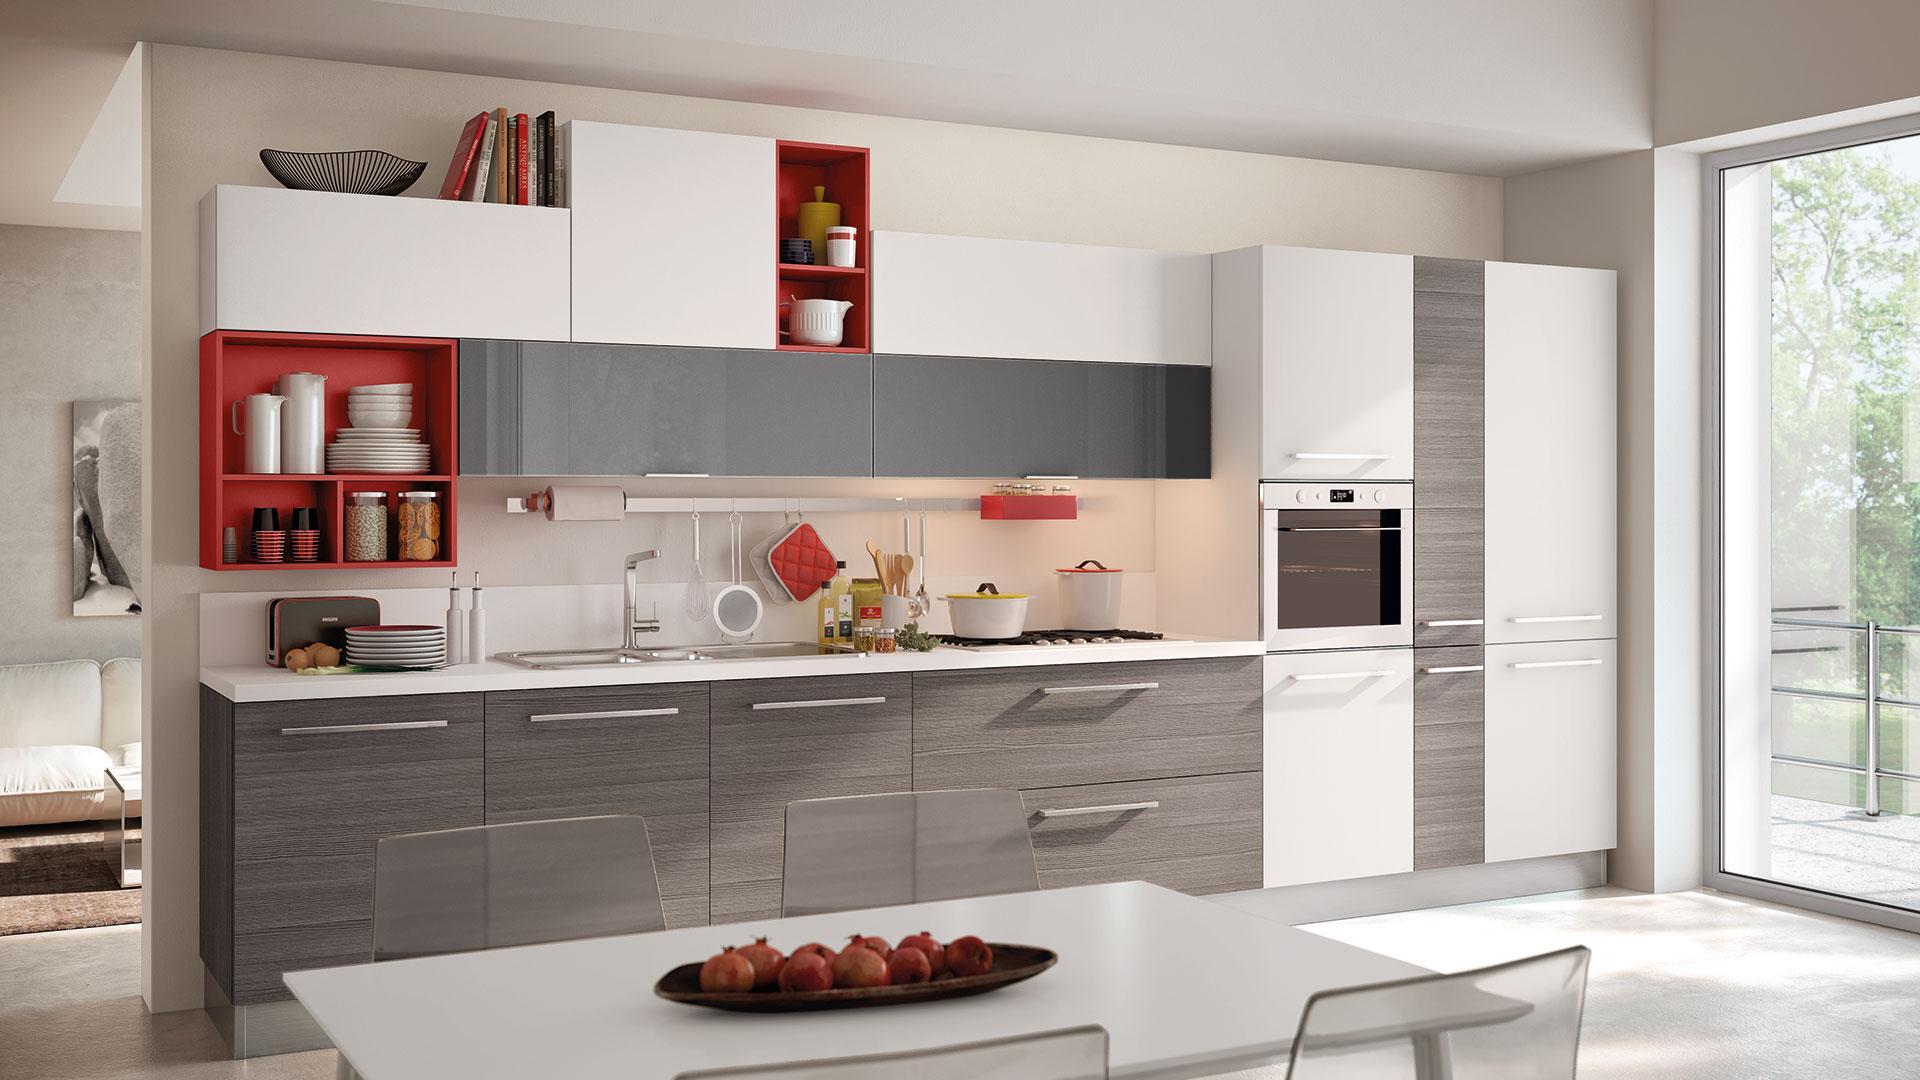 Come disporre i mobili in cucina dettagli e consigli da - Come disporre la cucina ...